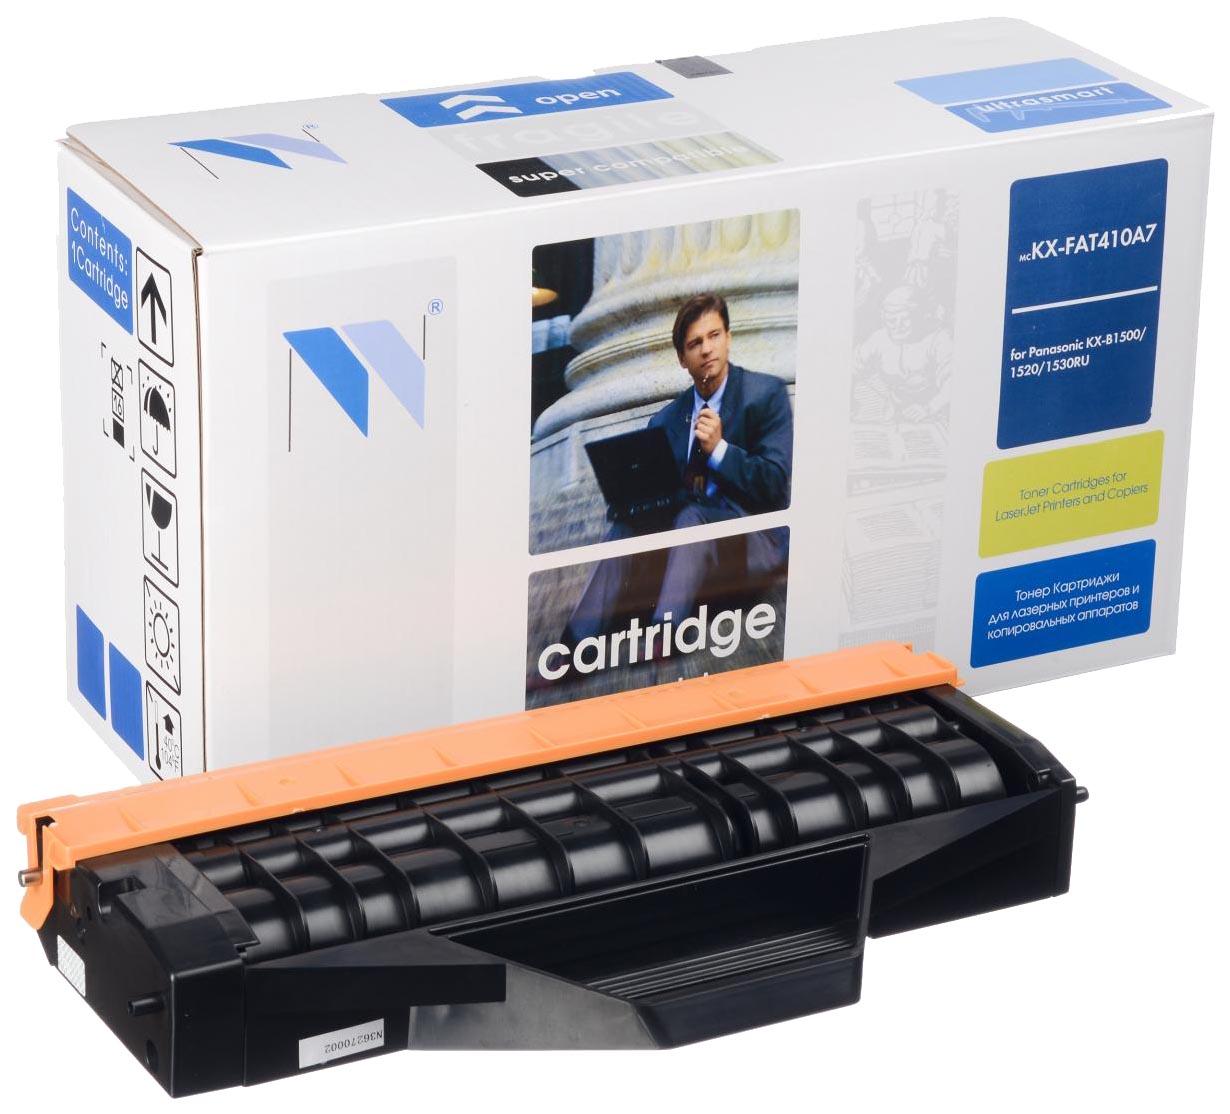 Картридж для лазерного принтера NV Print KX-FAT410A, черный NV-KX-FAT410A